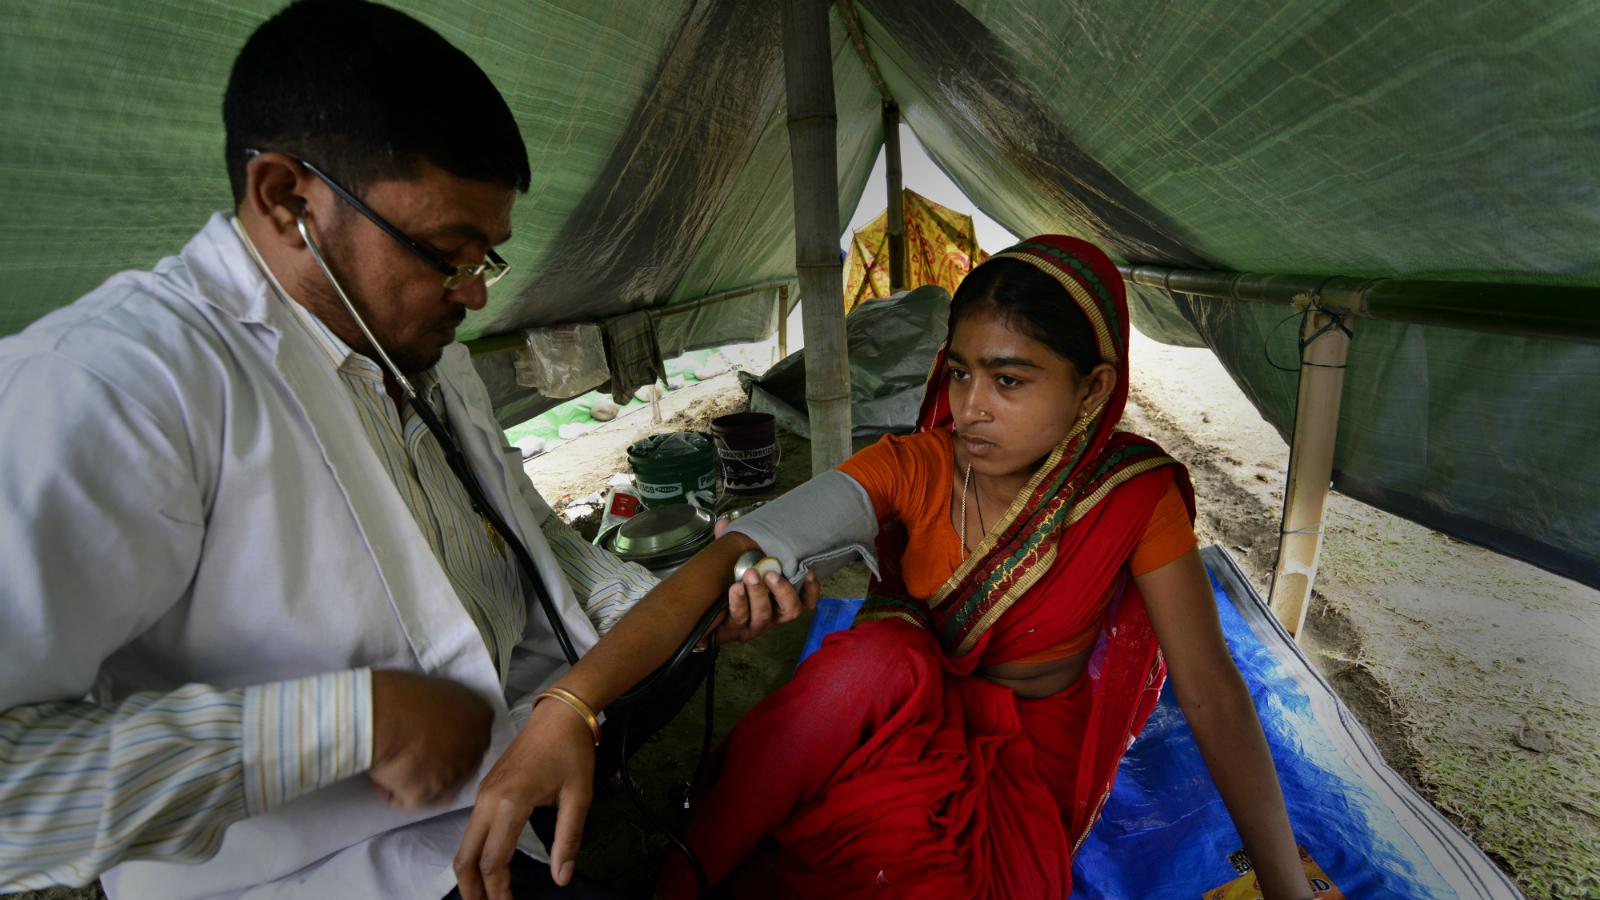 India-Pika-Healthcare-medcine-Public health